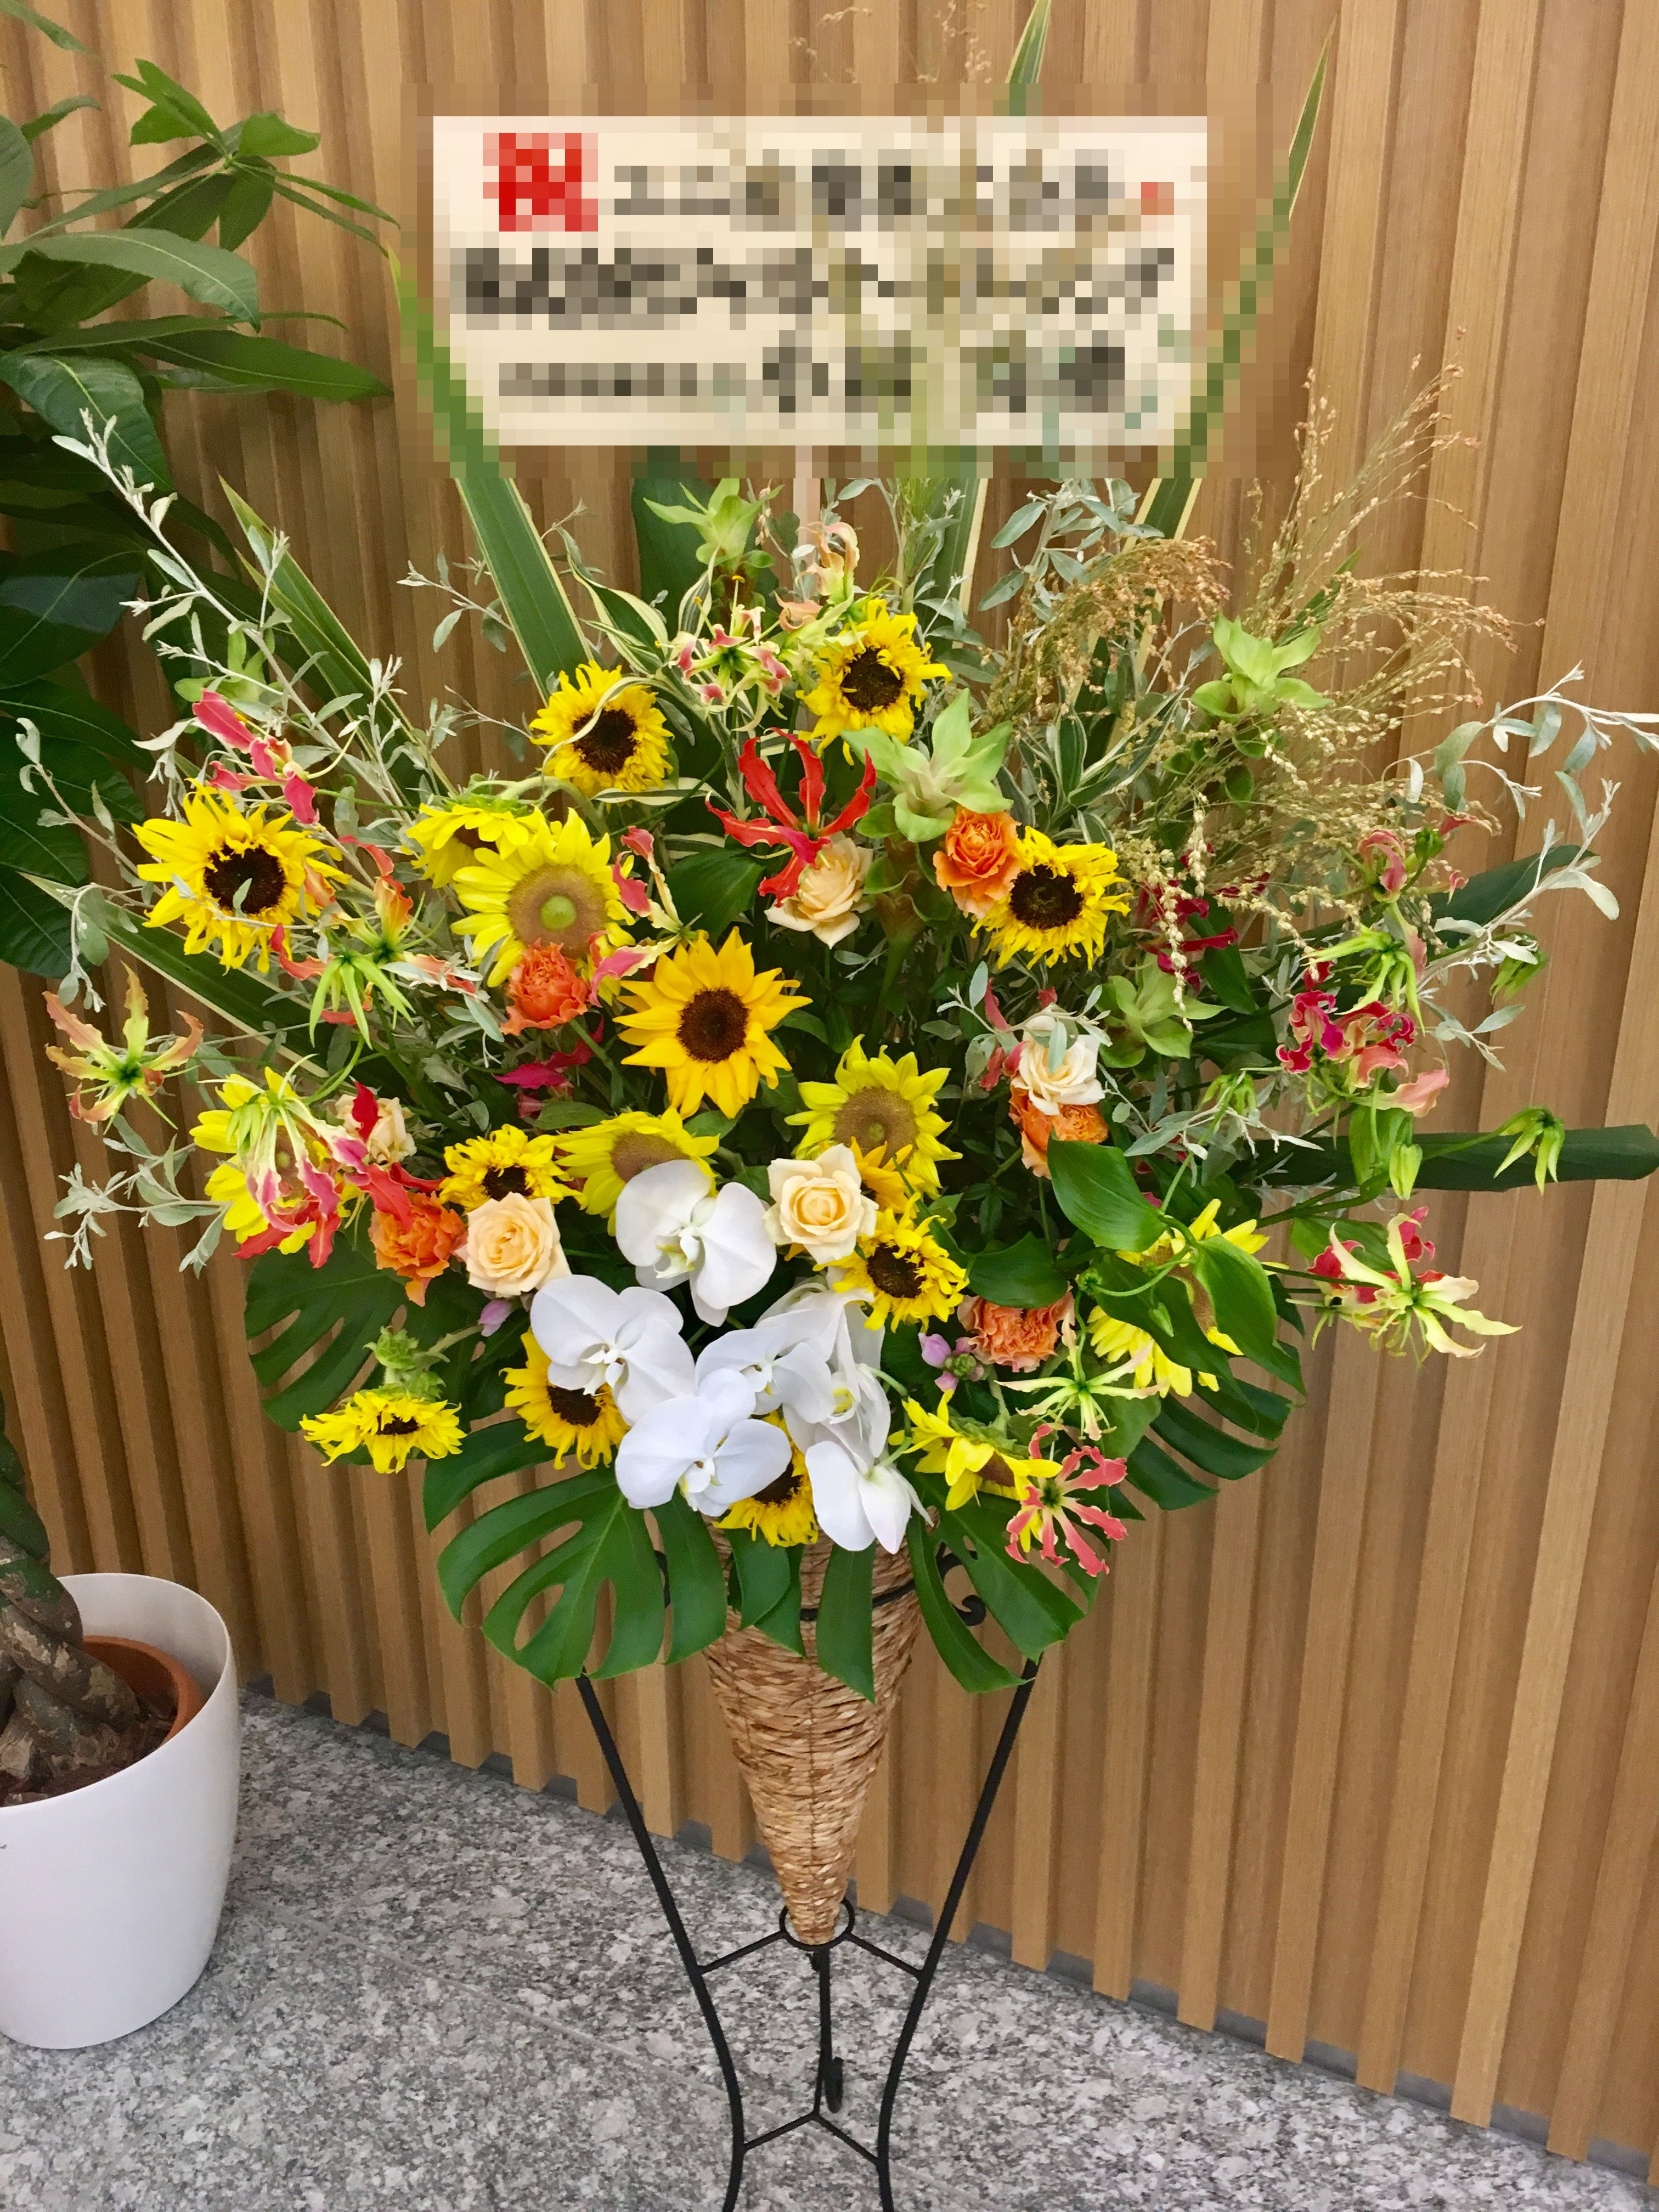 【ナオ花屋の納品事例118】横浜市関内港町の法人企業様へアレンジメントを配達しました!